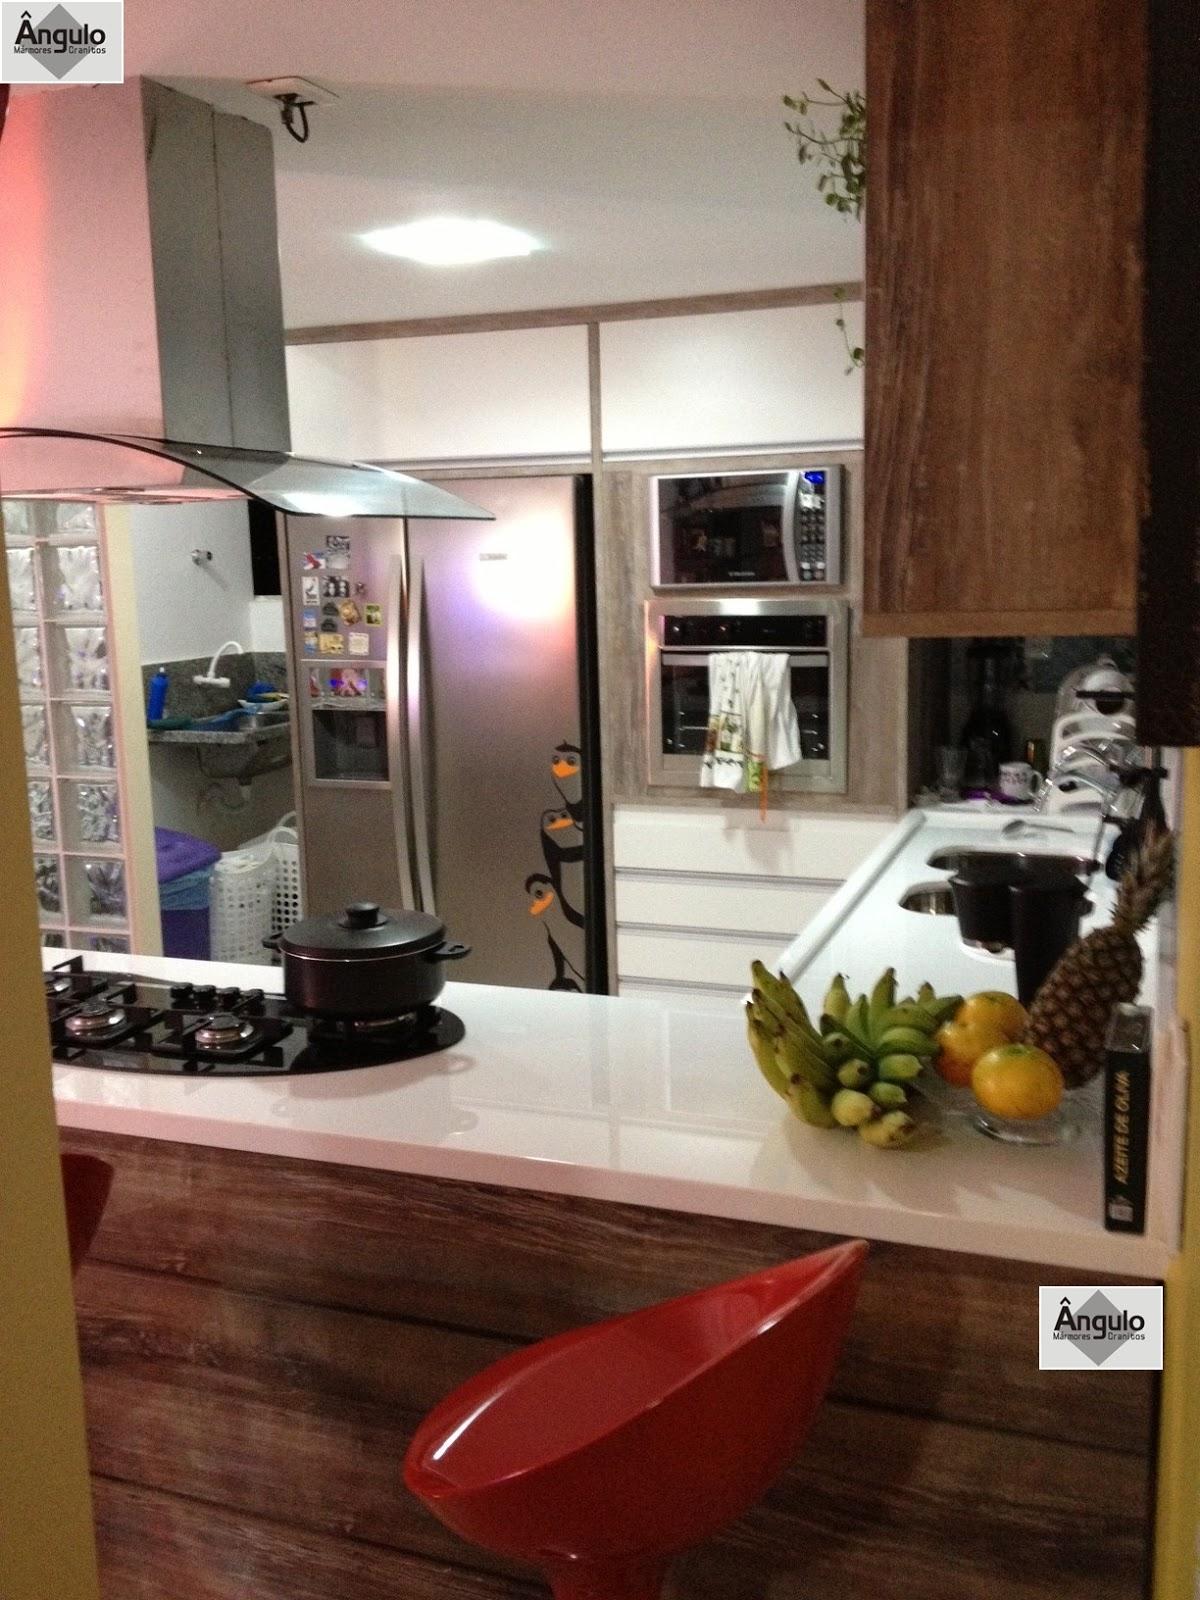 Linda Cozinha projetada em Nanoglass. Um projeto compacto funcional e  #9A7231 1200x1600 Balcao Banheiro Fabrica